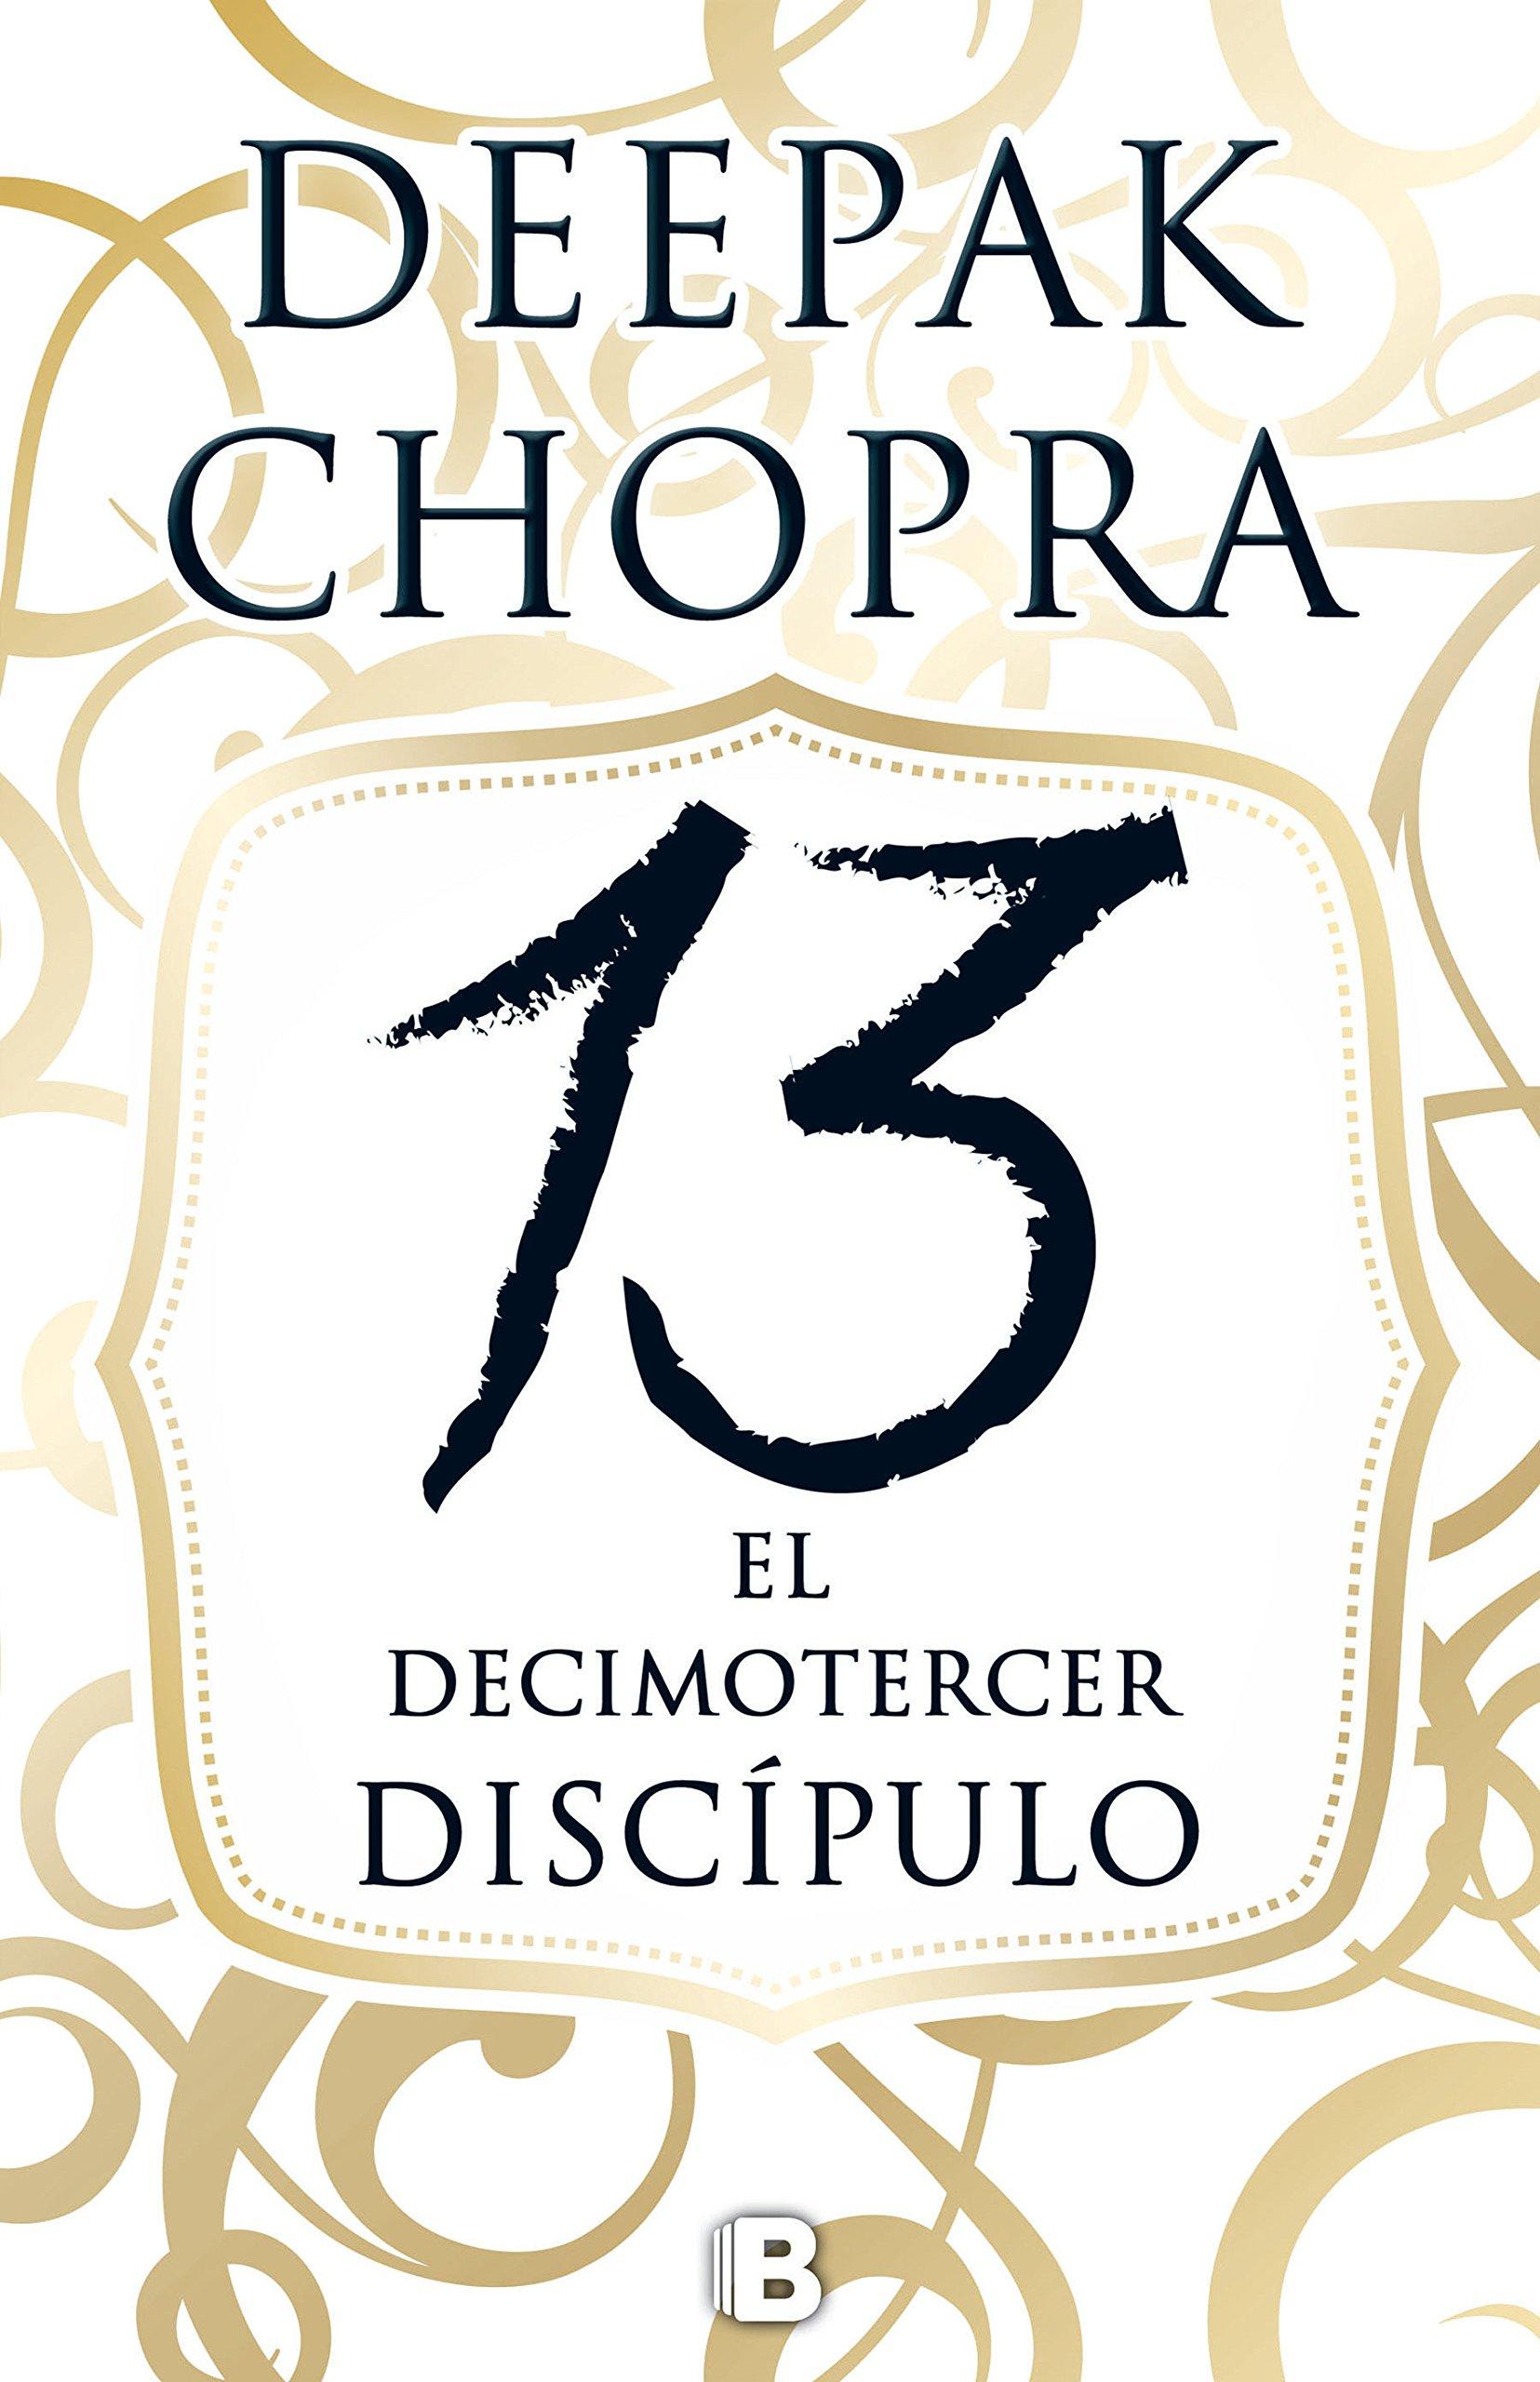 El decimotercer discípulo: Una aventura espiritual que podría cambiar el mundo (Millenium) Tapa blanda – 3 feb 2016 Deepak Chopra B (Ediciones B) 8466658300 Detective and mystery fiction